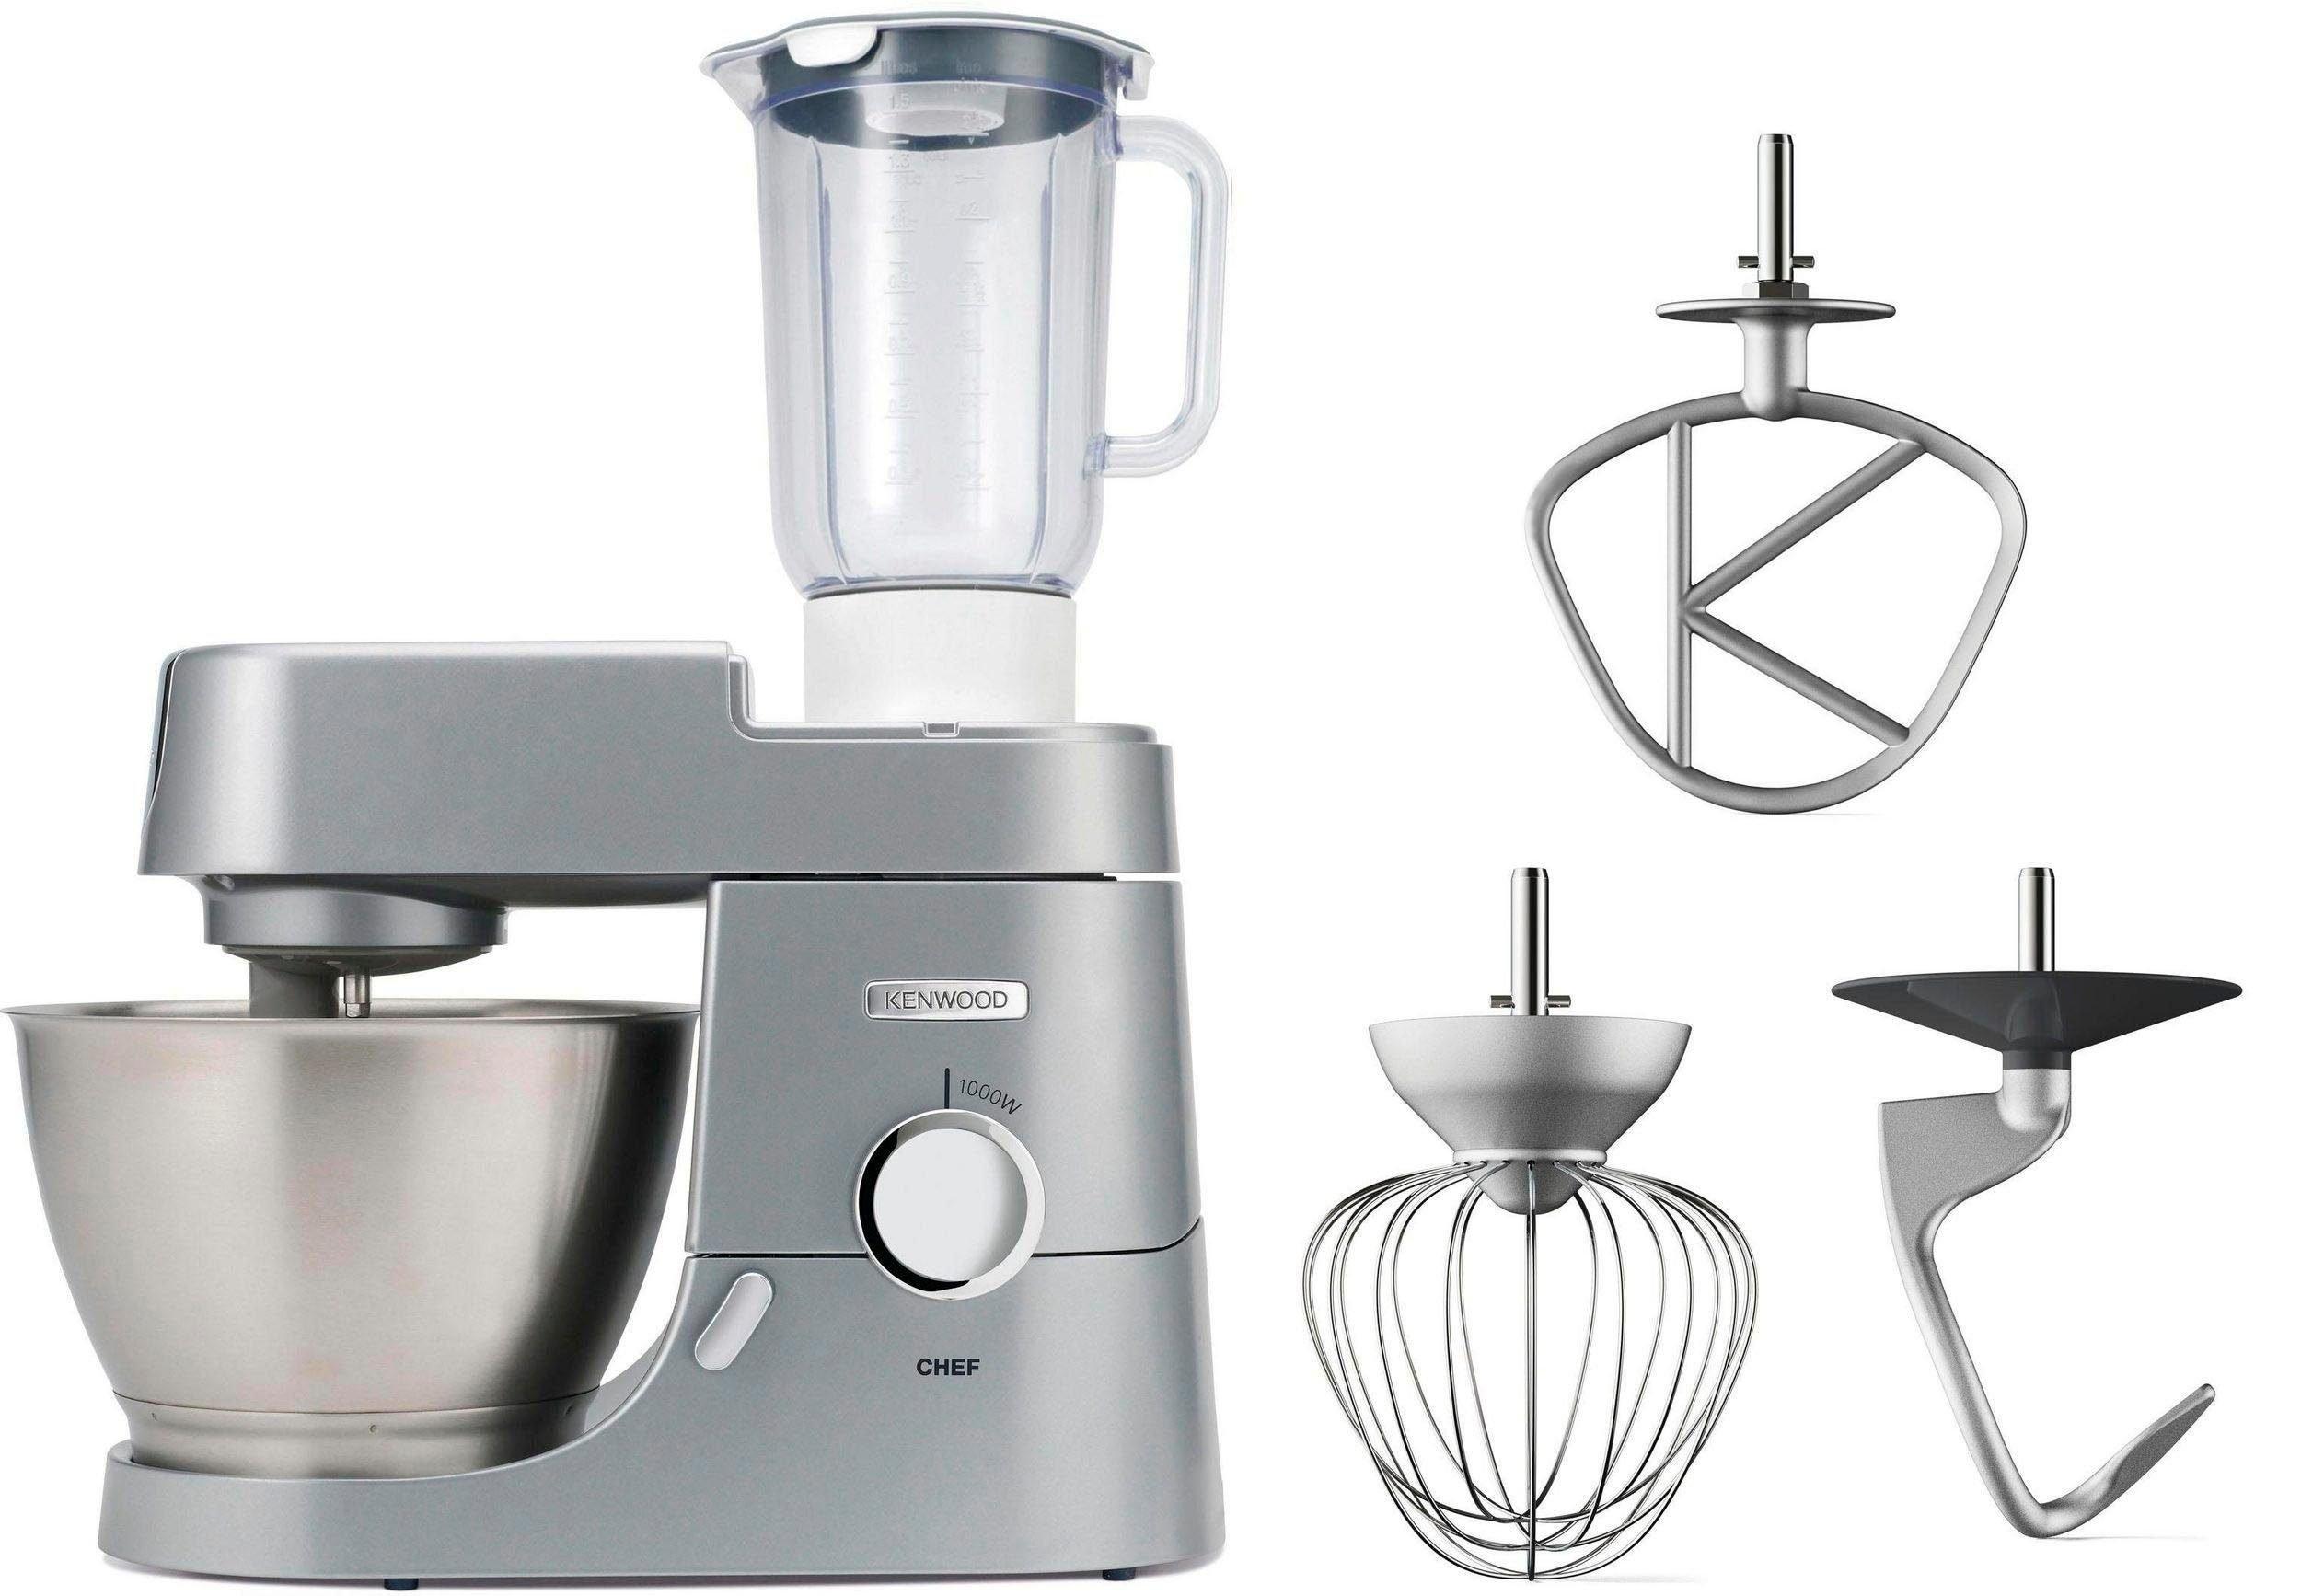 KENWOOD keukenmachine Chef KVC3110S bestellen: 30 dagen bedenktijd